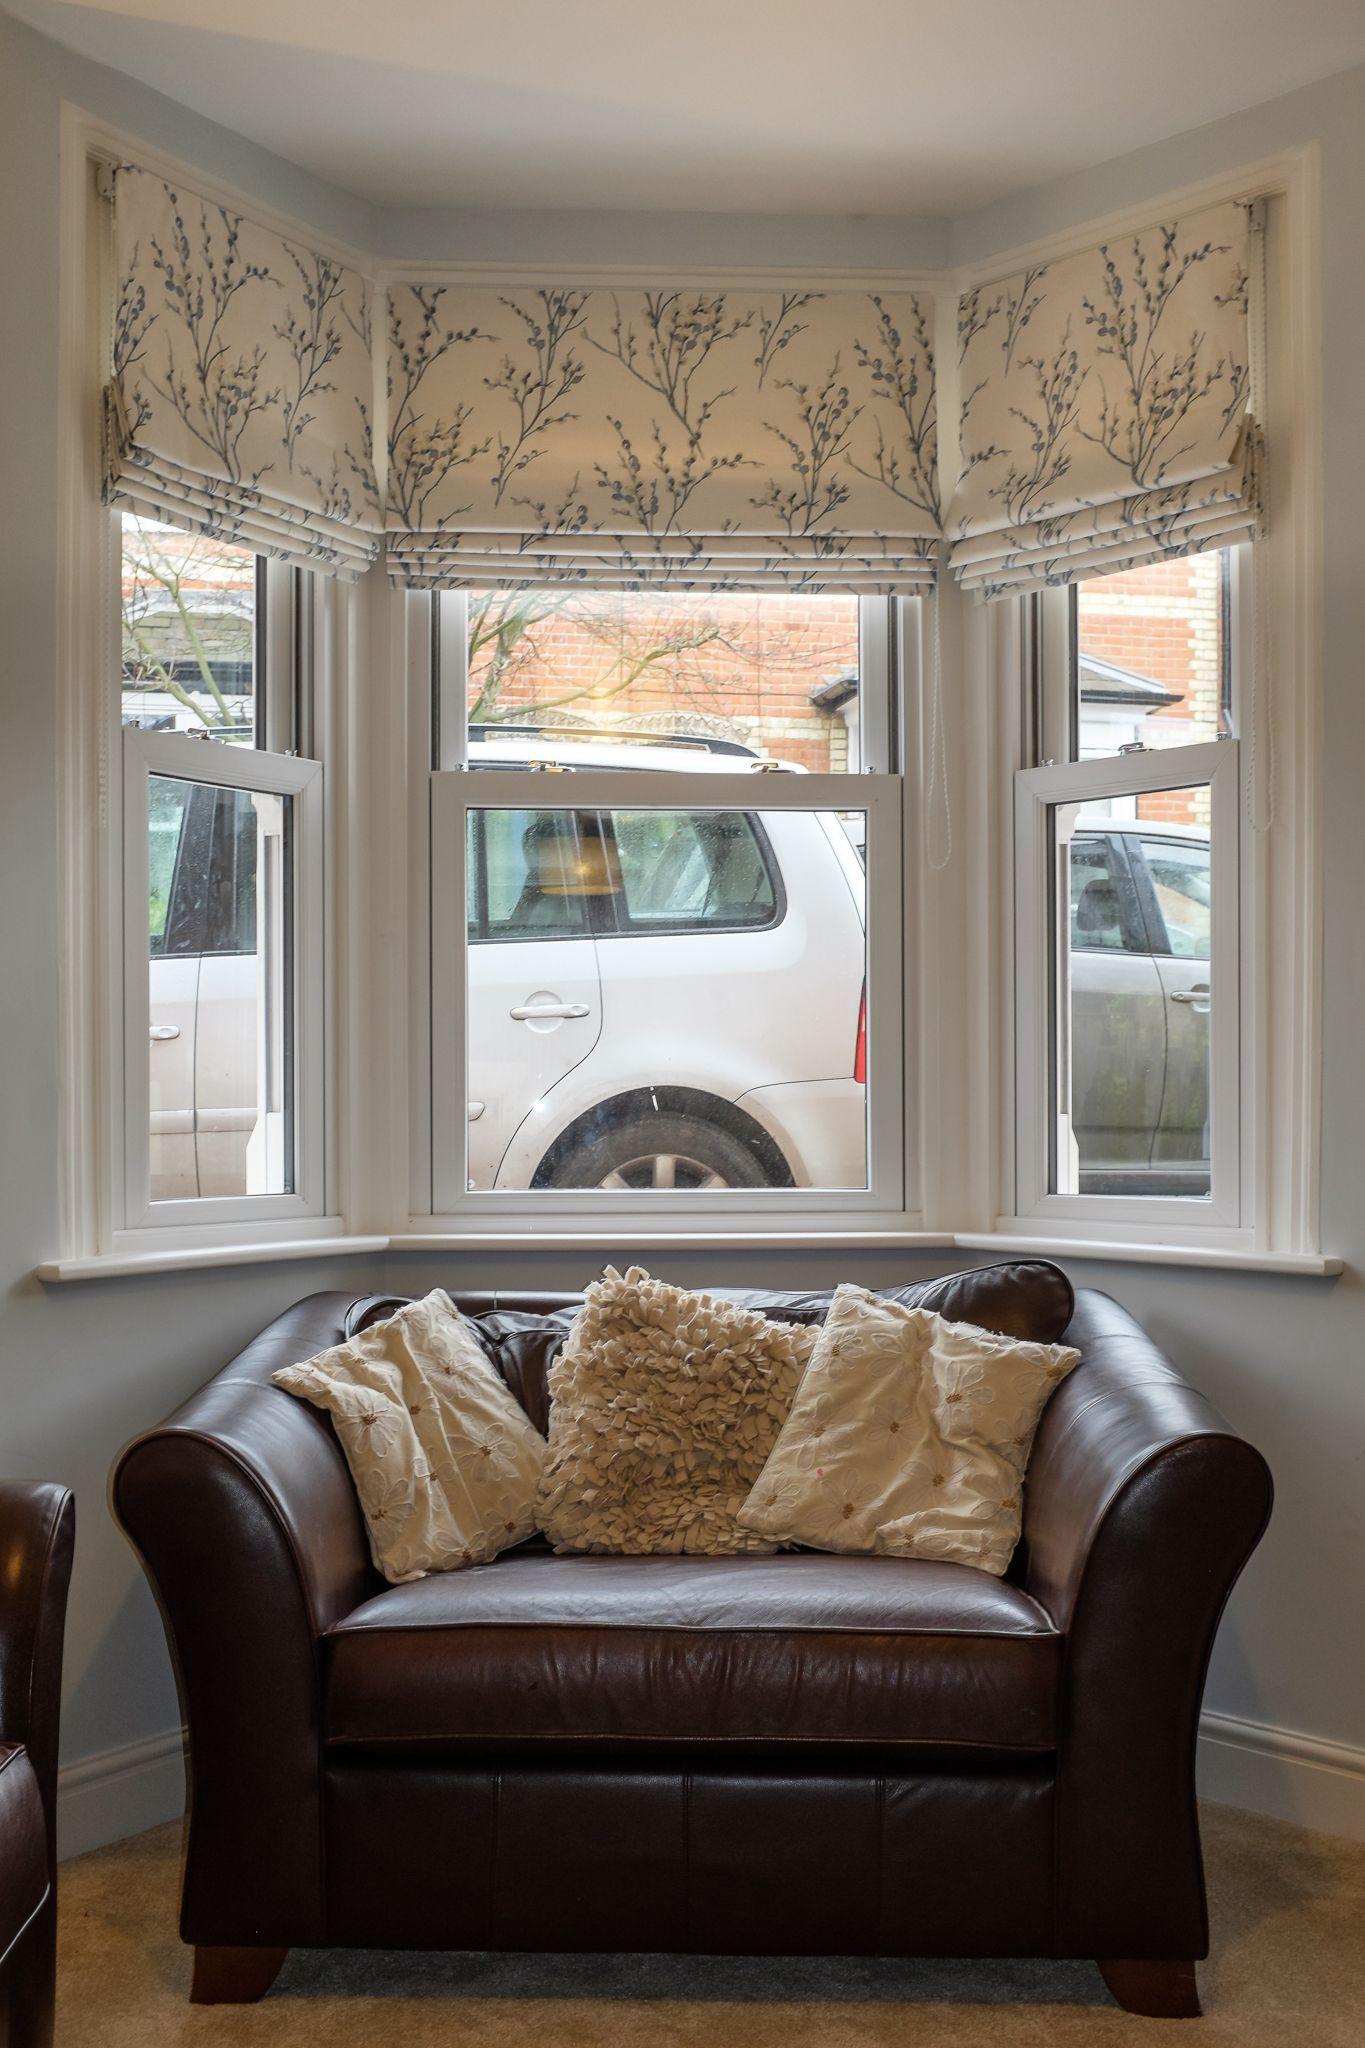 Pop out kitchen window   bay window ideas that will pop  bay window  pinterest  roman